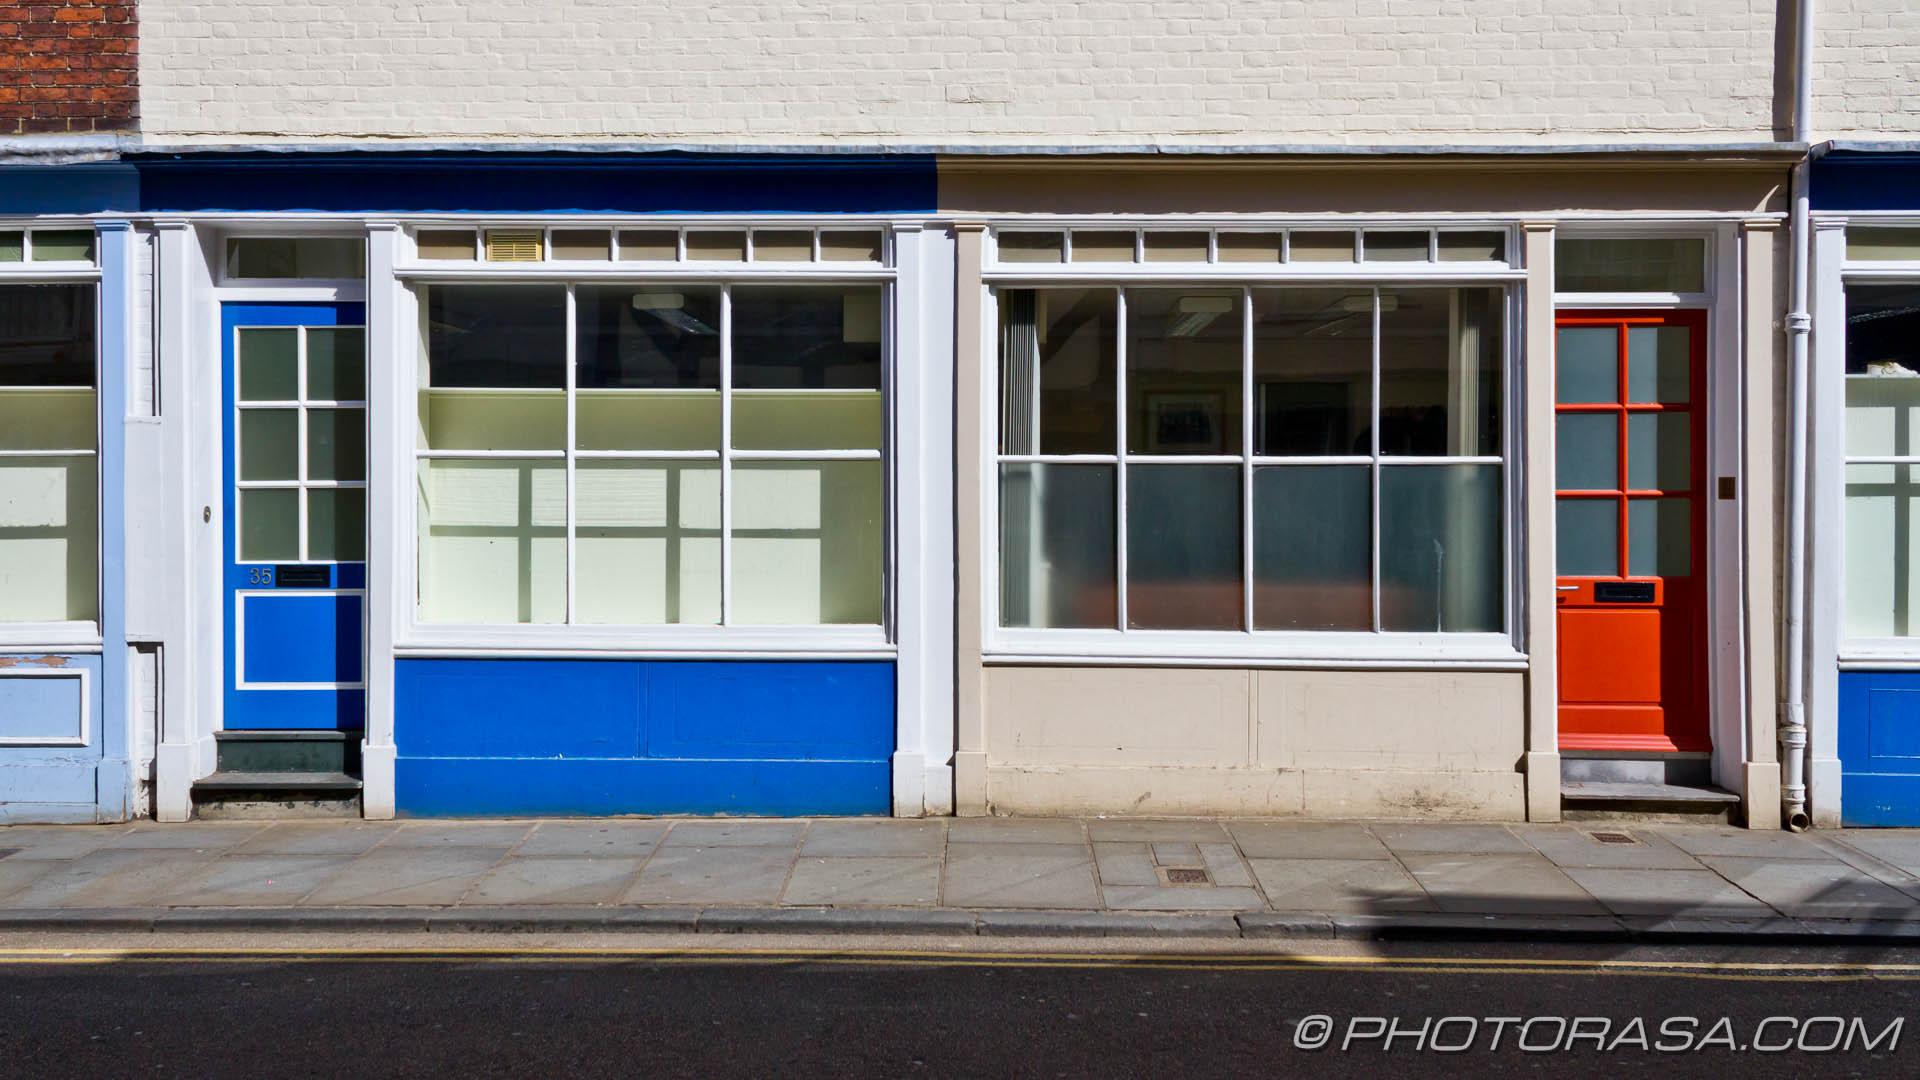 http://photorasa.com/canterbury-trip/blue-shop-and-red-shop/